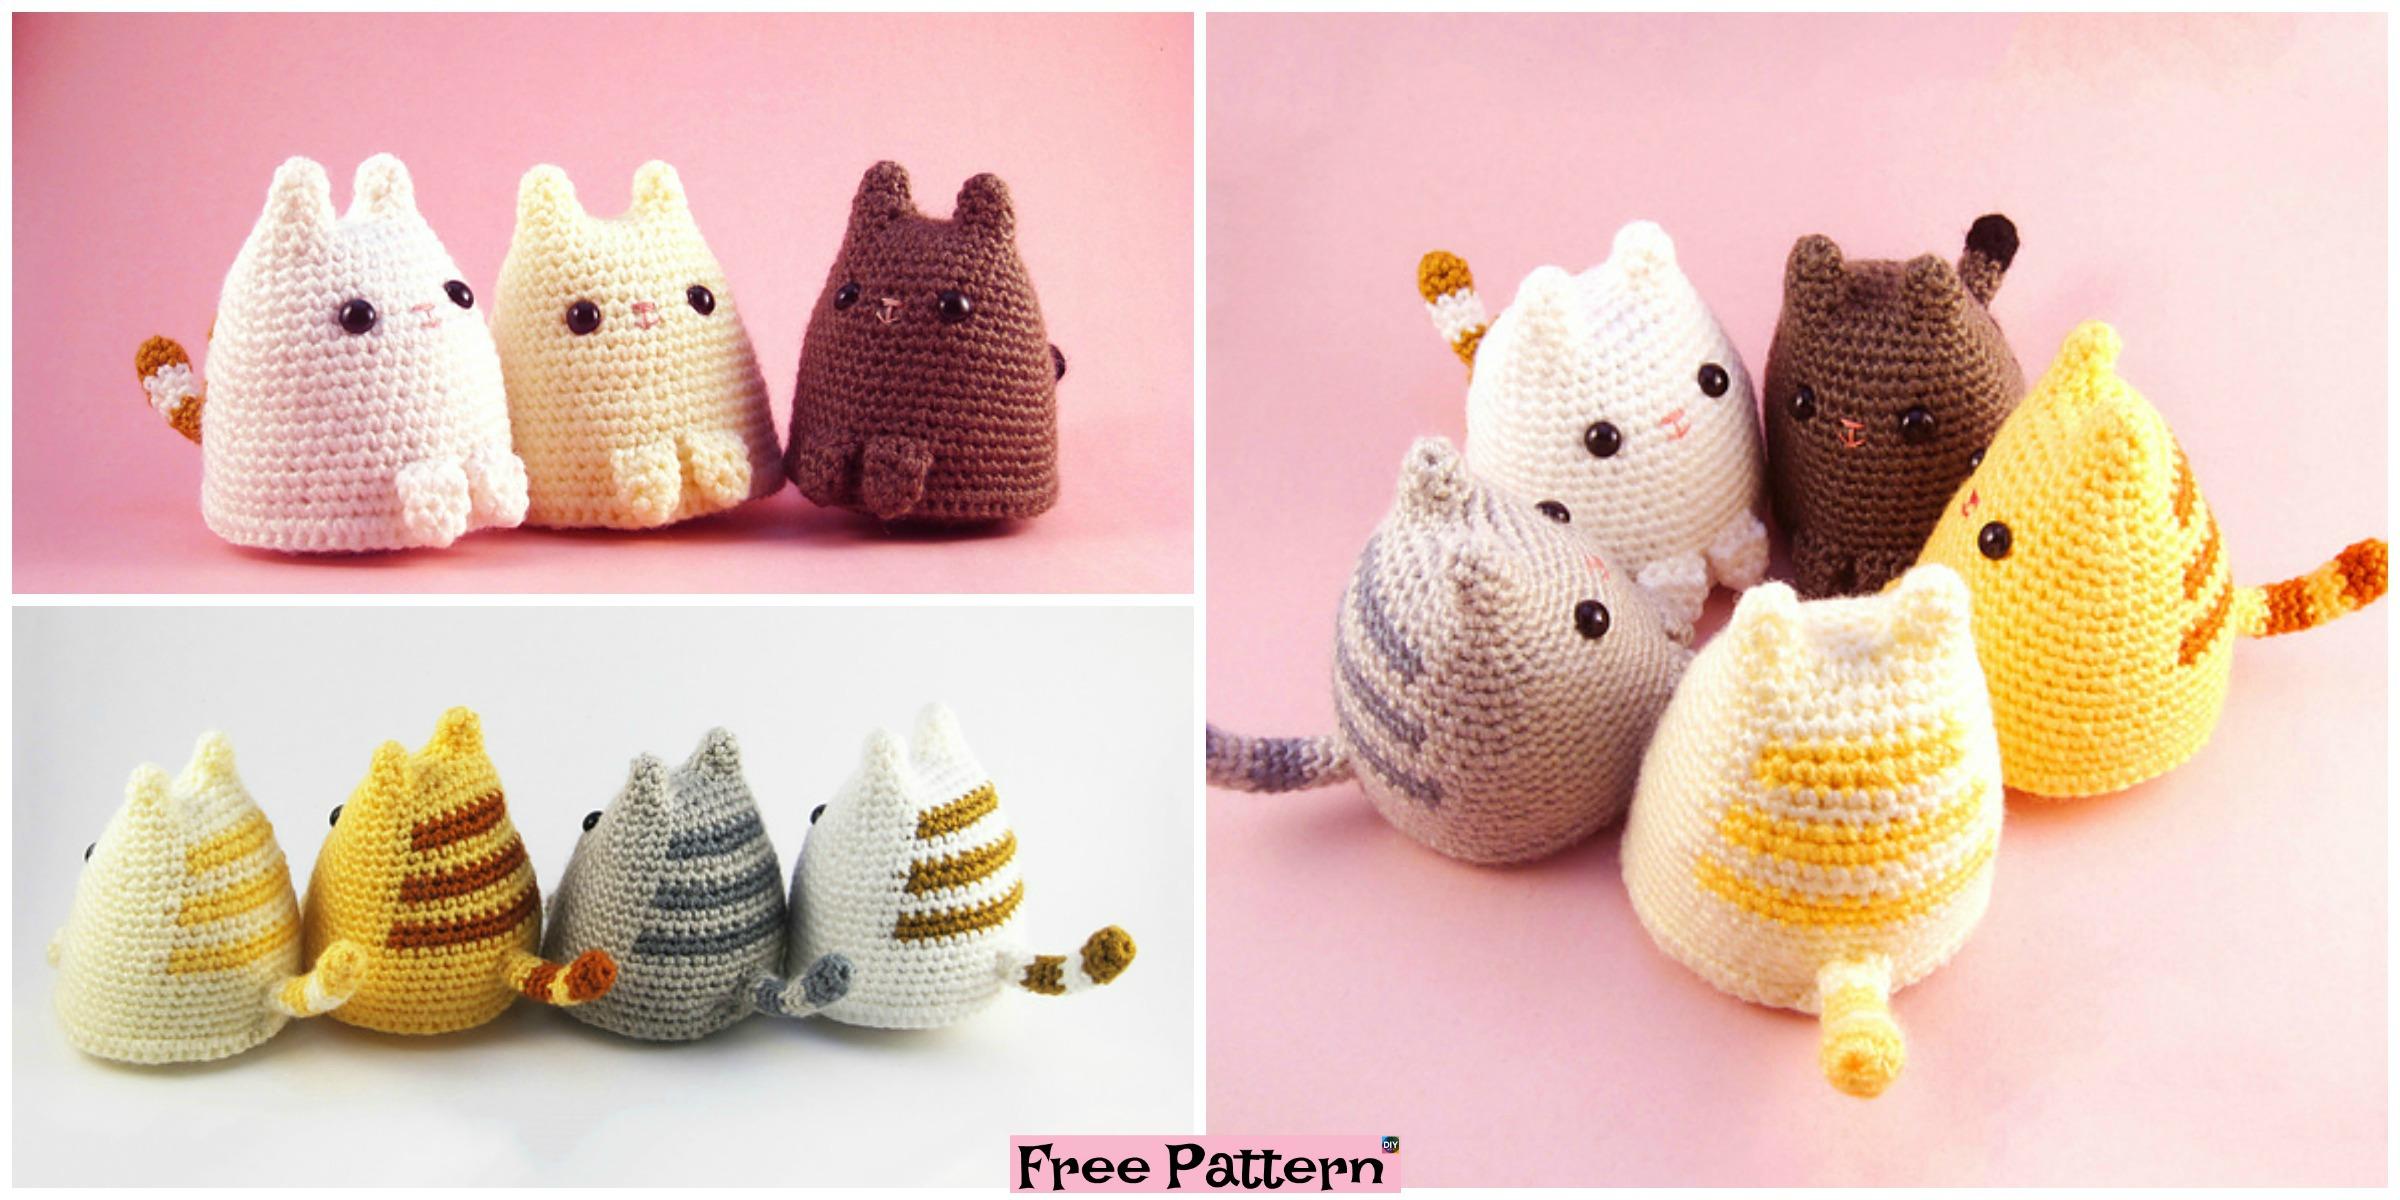 Crochet Dumpling Kitty – Free Pattern